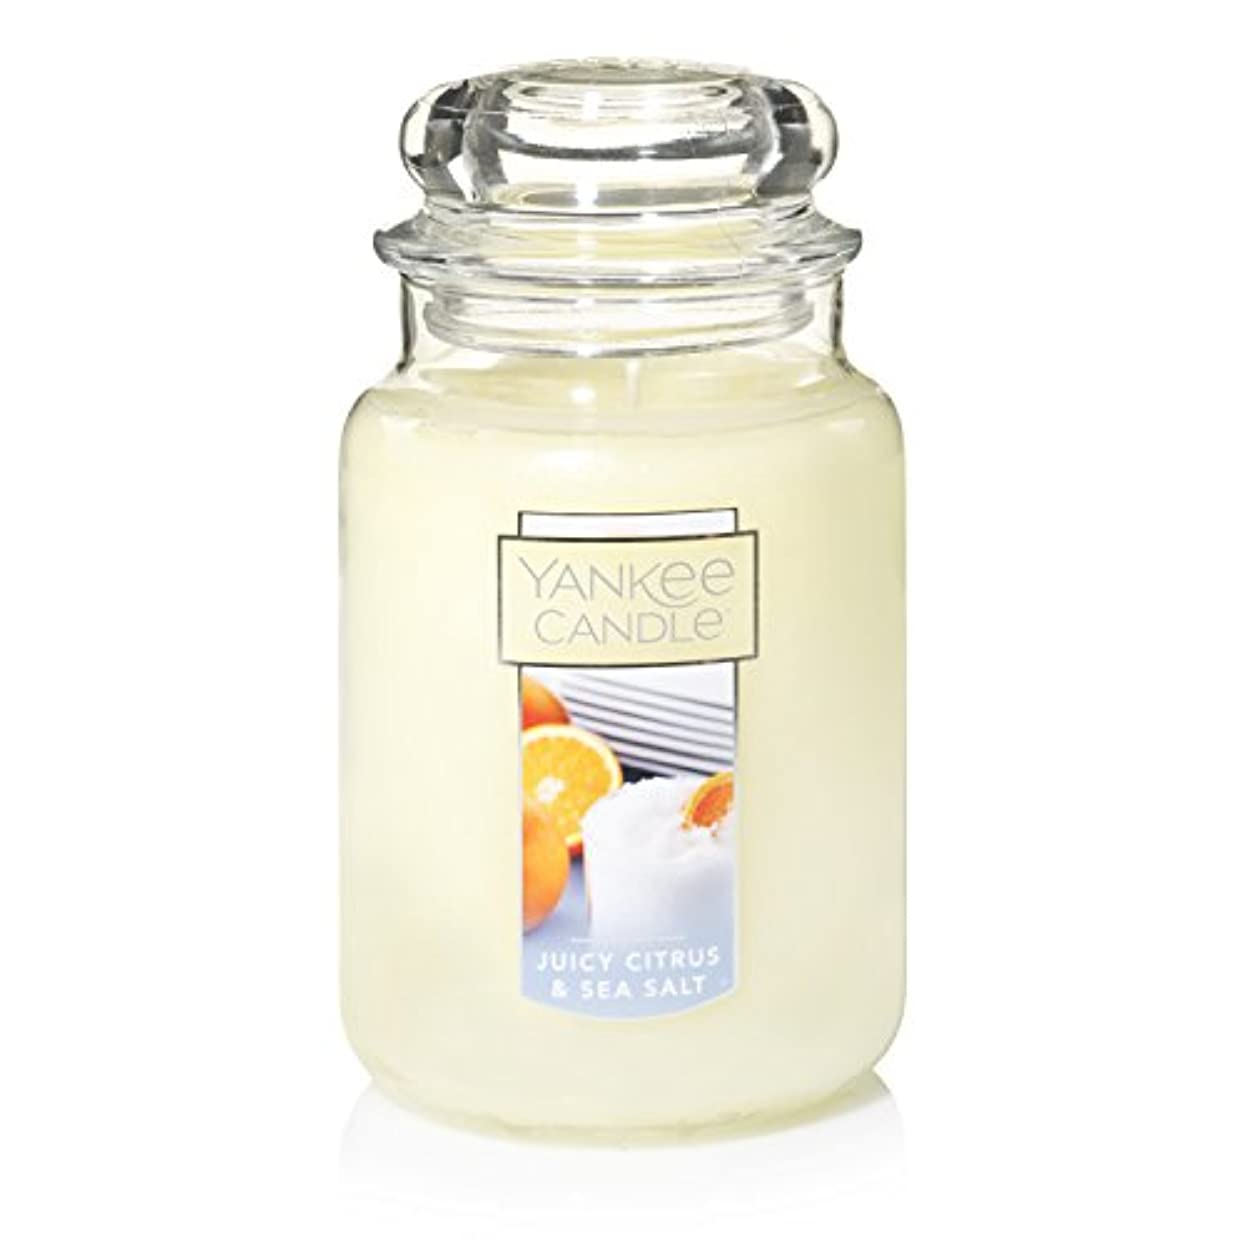 ミリメートルケント確認Yankee Candle Juicy Citrus & Sea Salt Jar Candle, Large